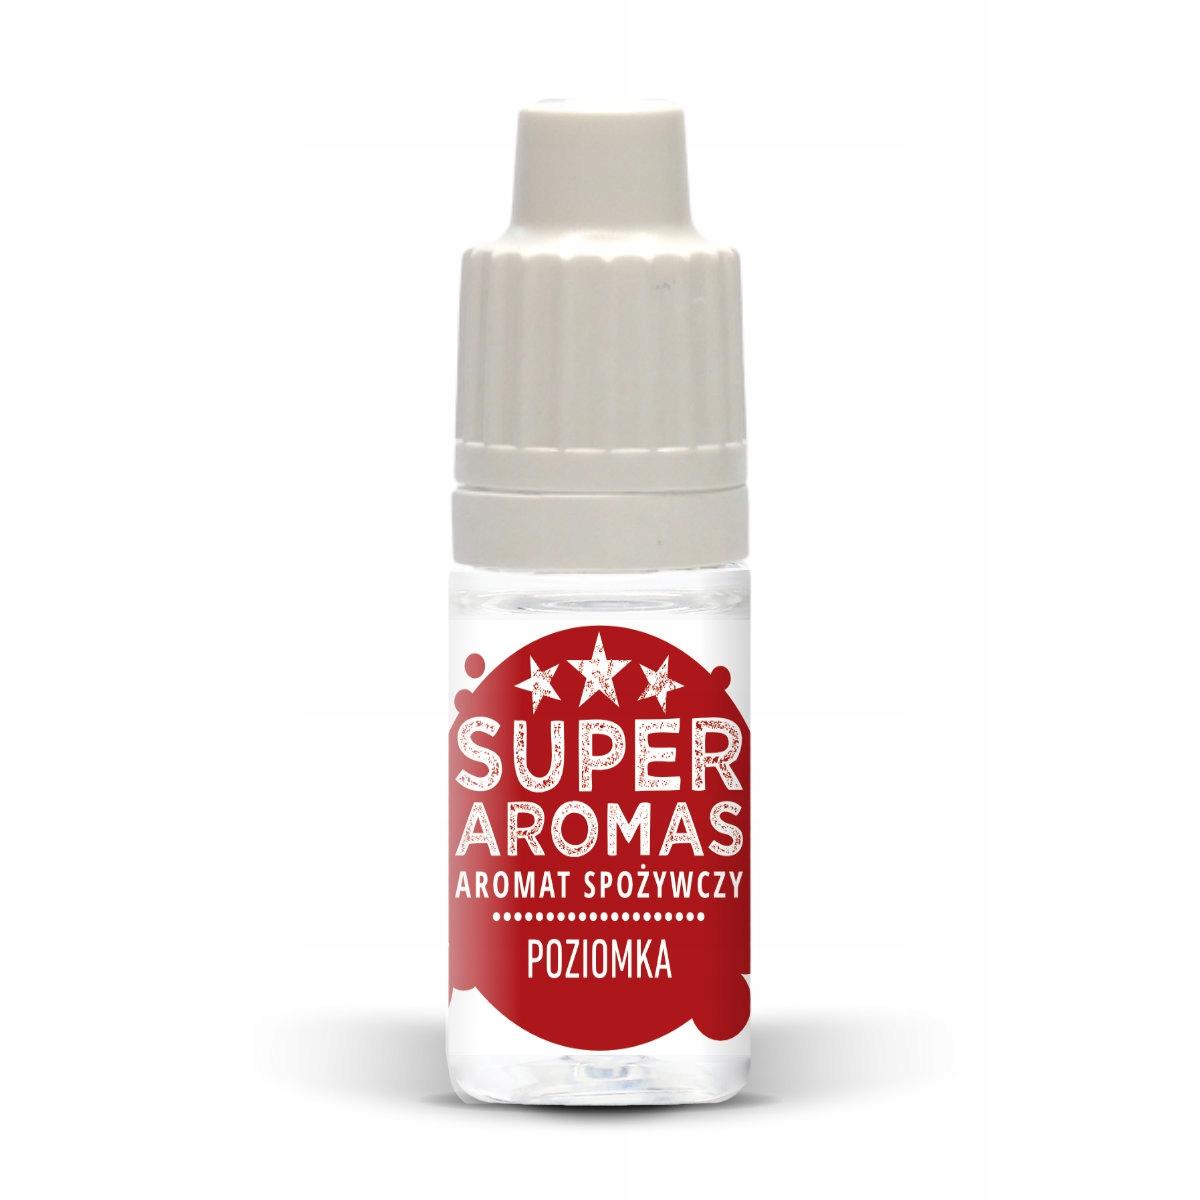 Aromat spożywczy POZIOMKA 10 ml